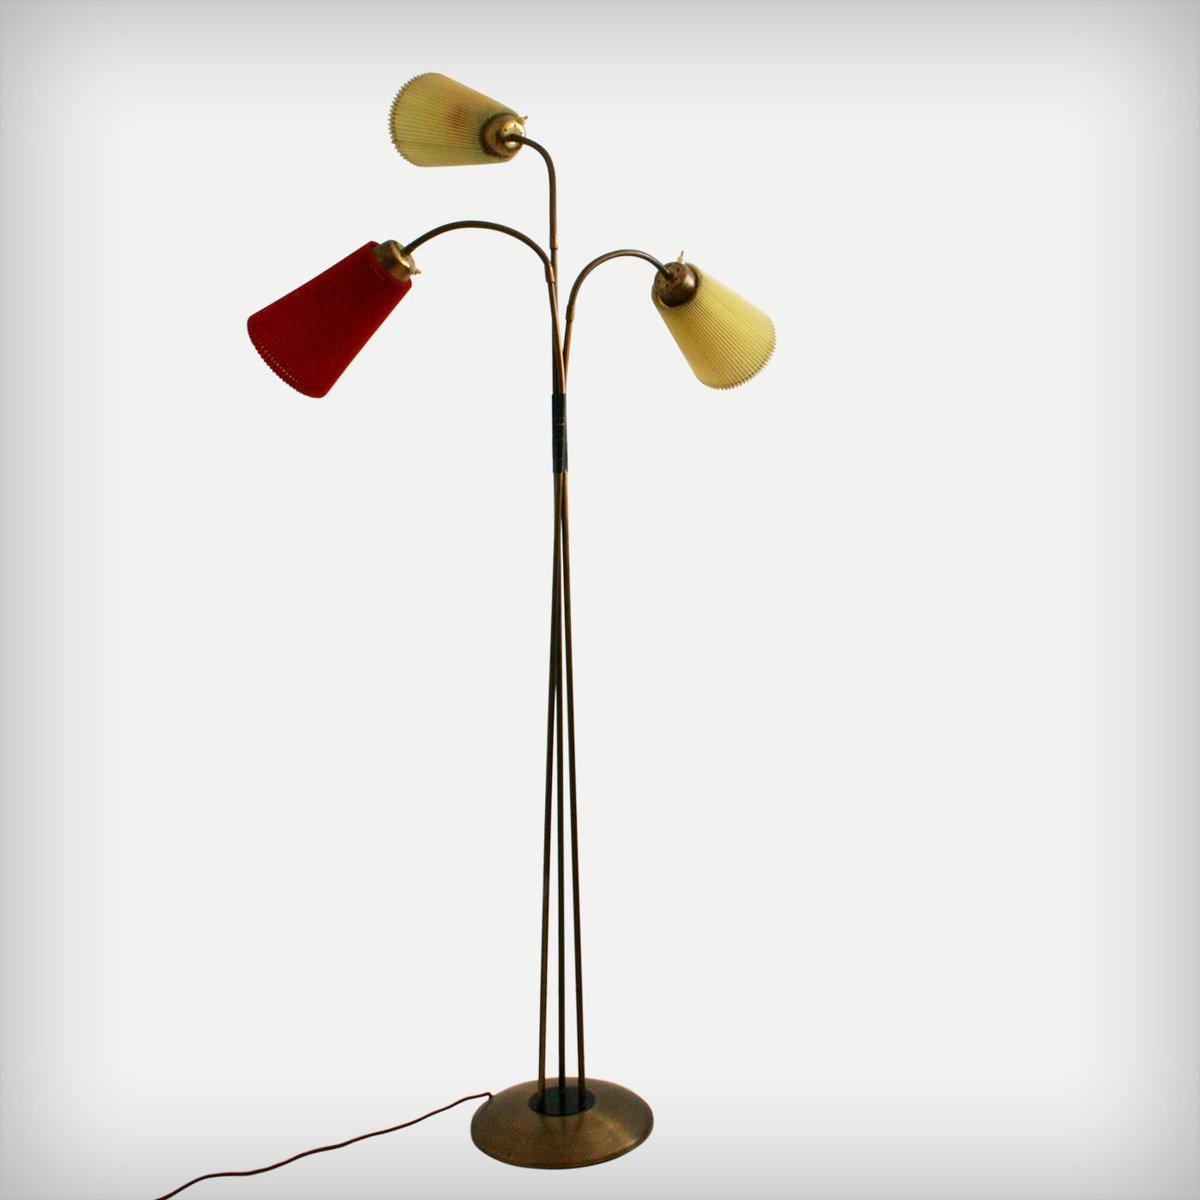 Italienische Stehlampe mit Drei Armen, 1950er